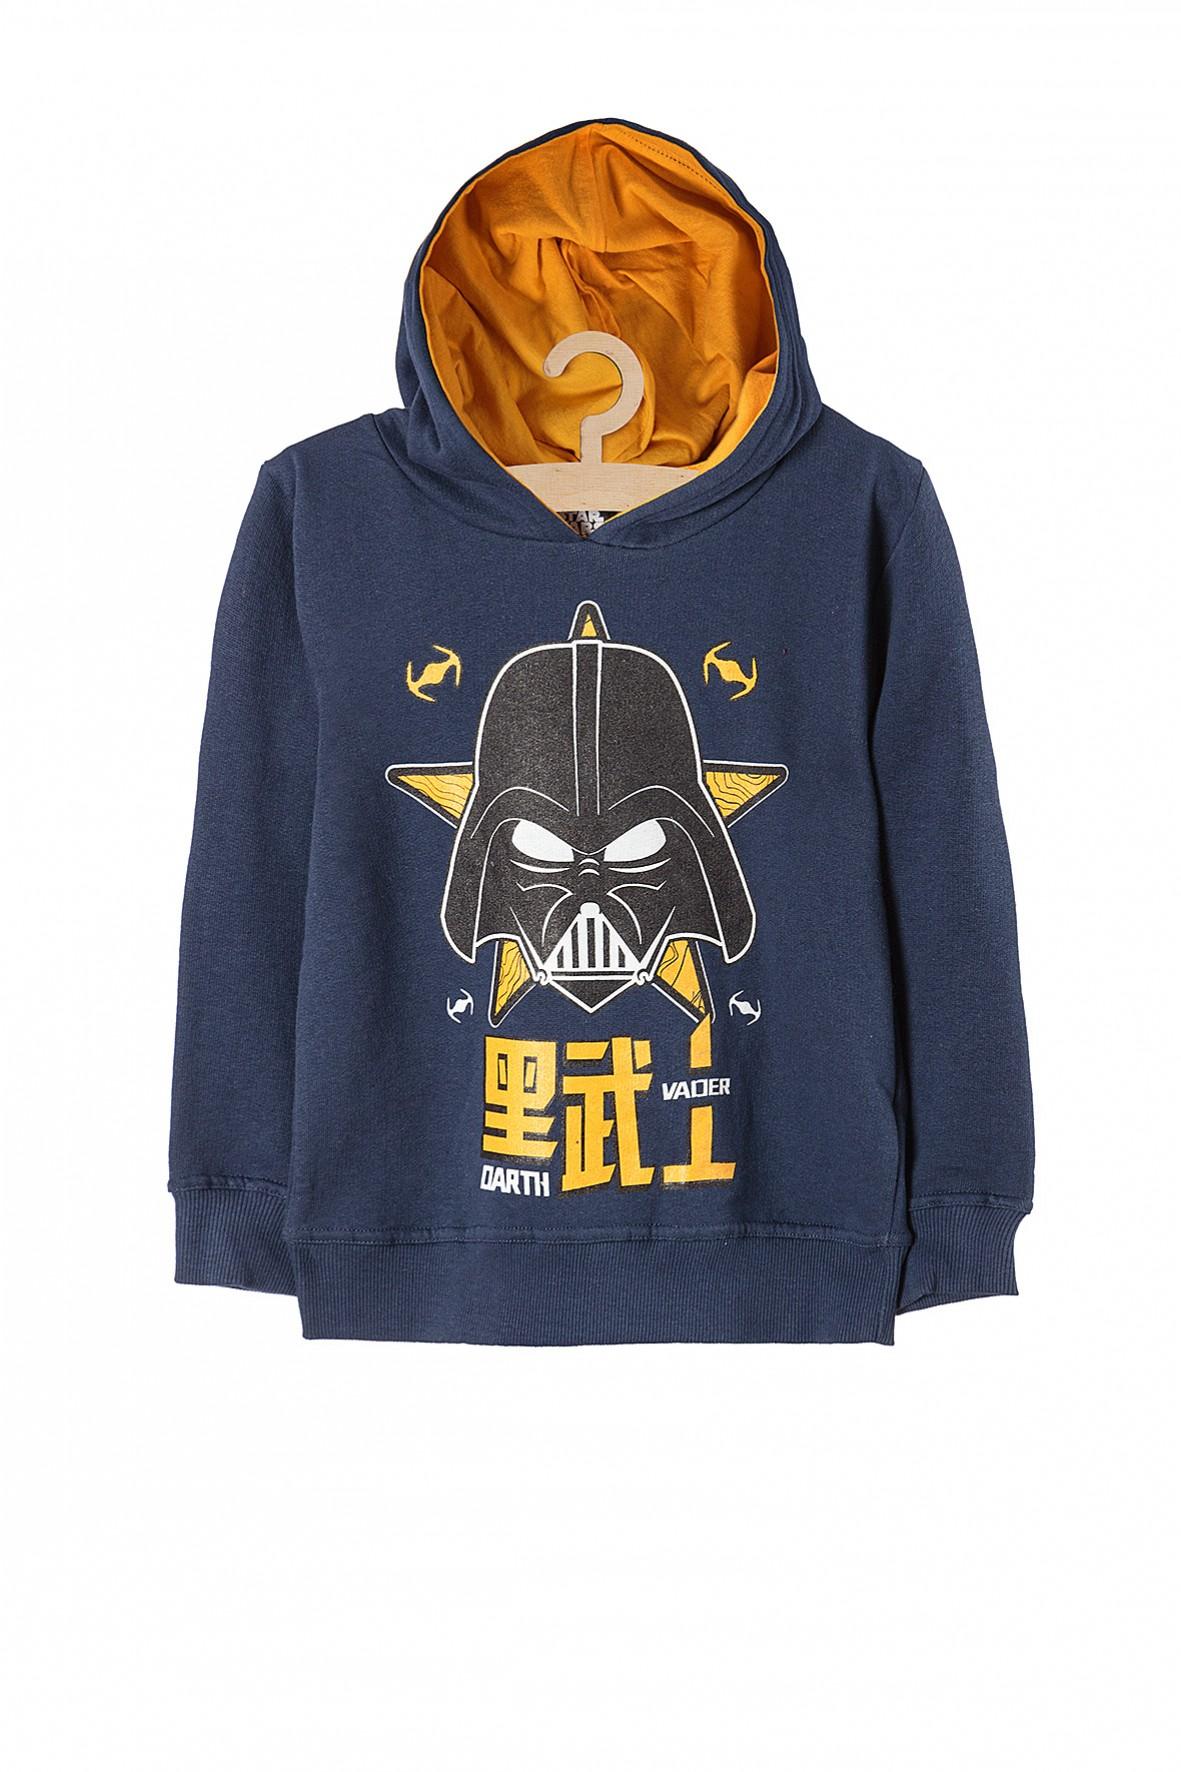 Bluza chłopięca nierozpinana Star Wars granatowa